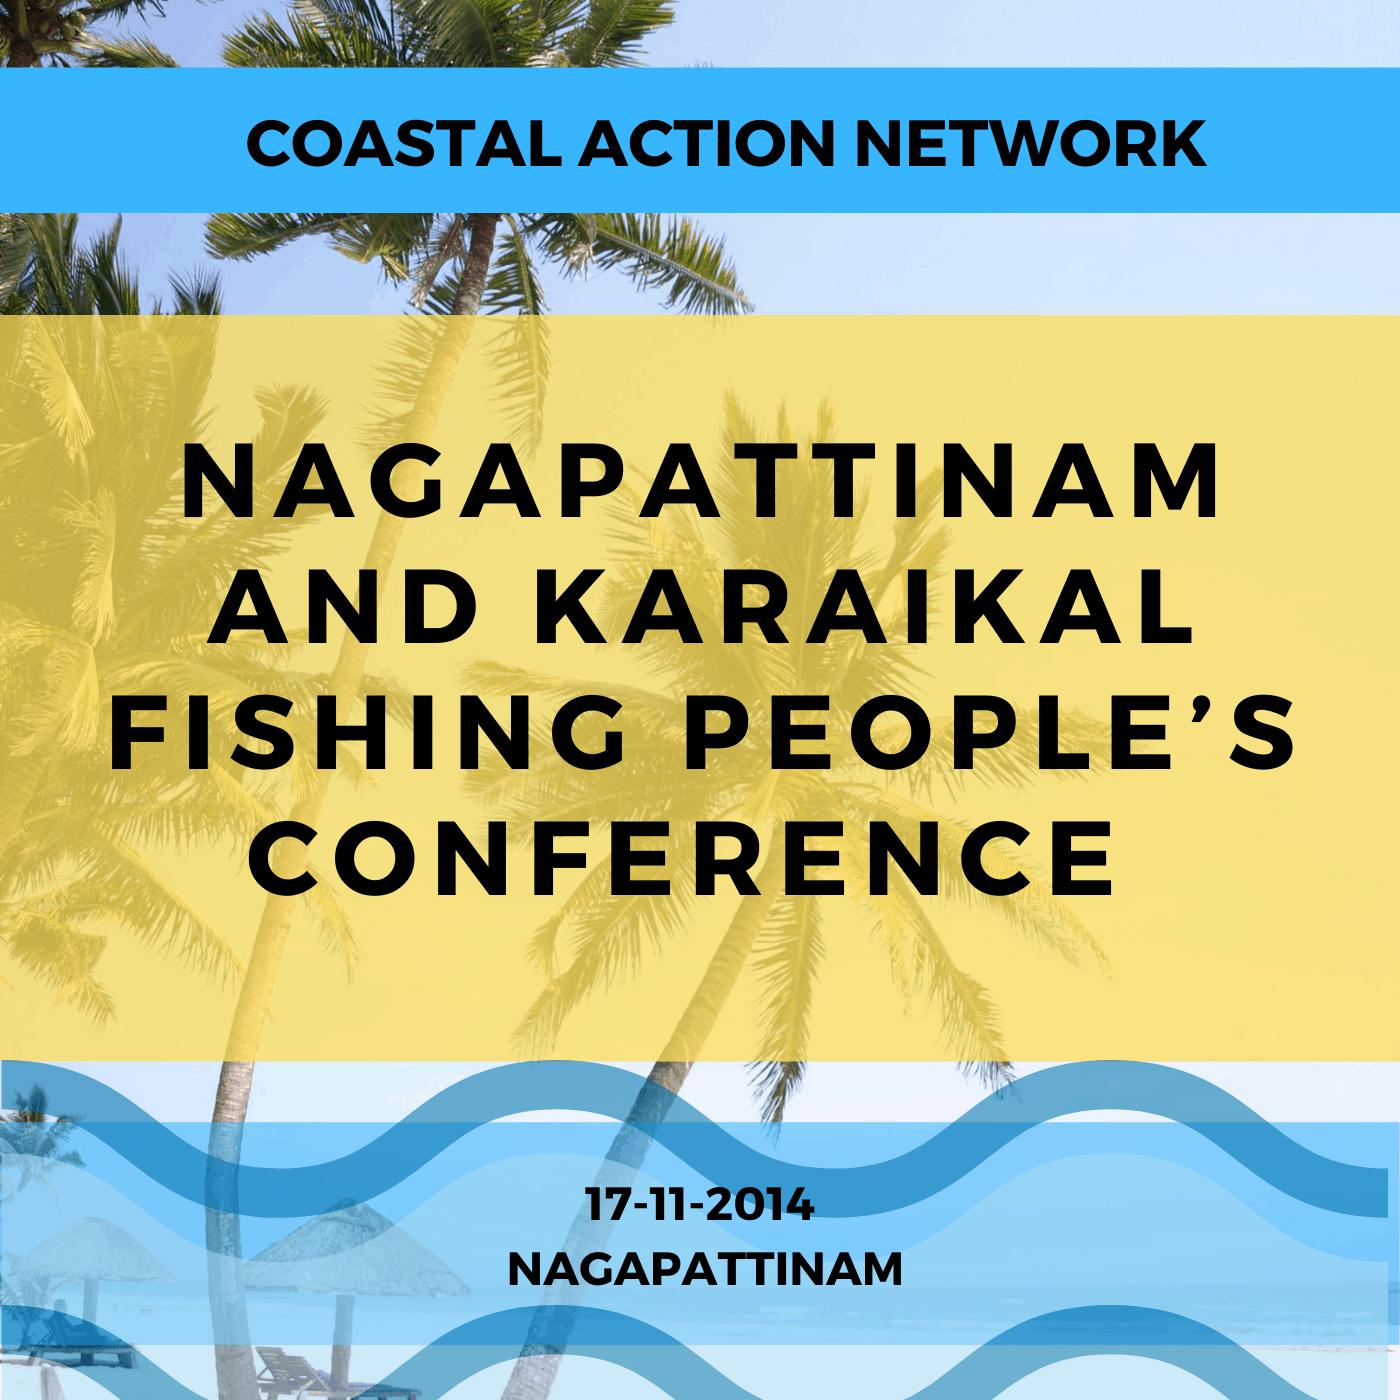 Nagapattinam and Karaikal Fishing People's Conference 17-11-2014, Nagapattinam